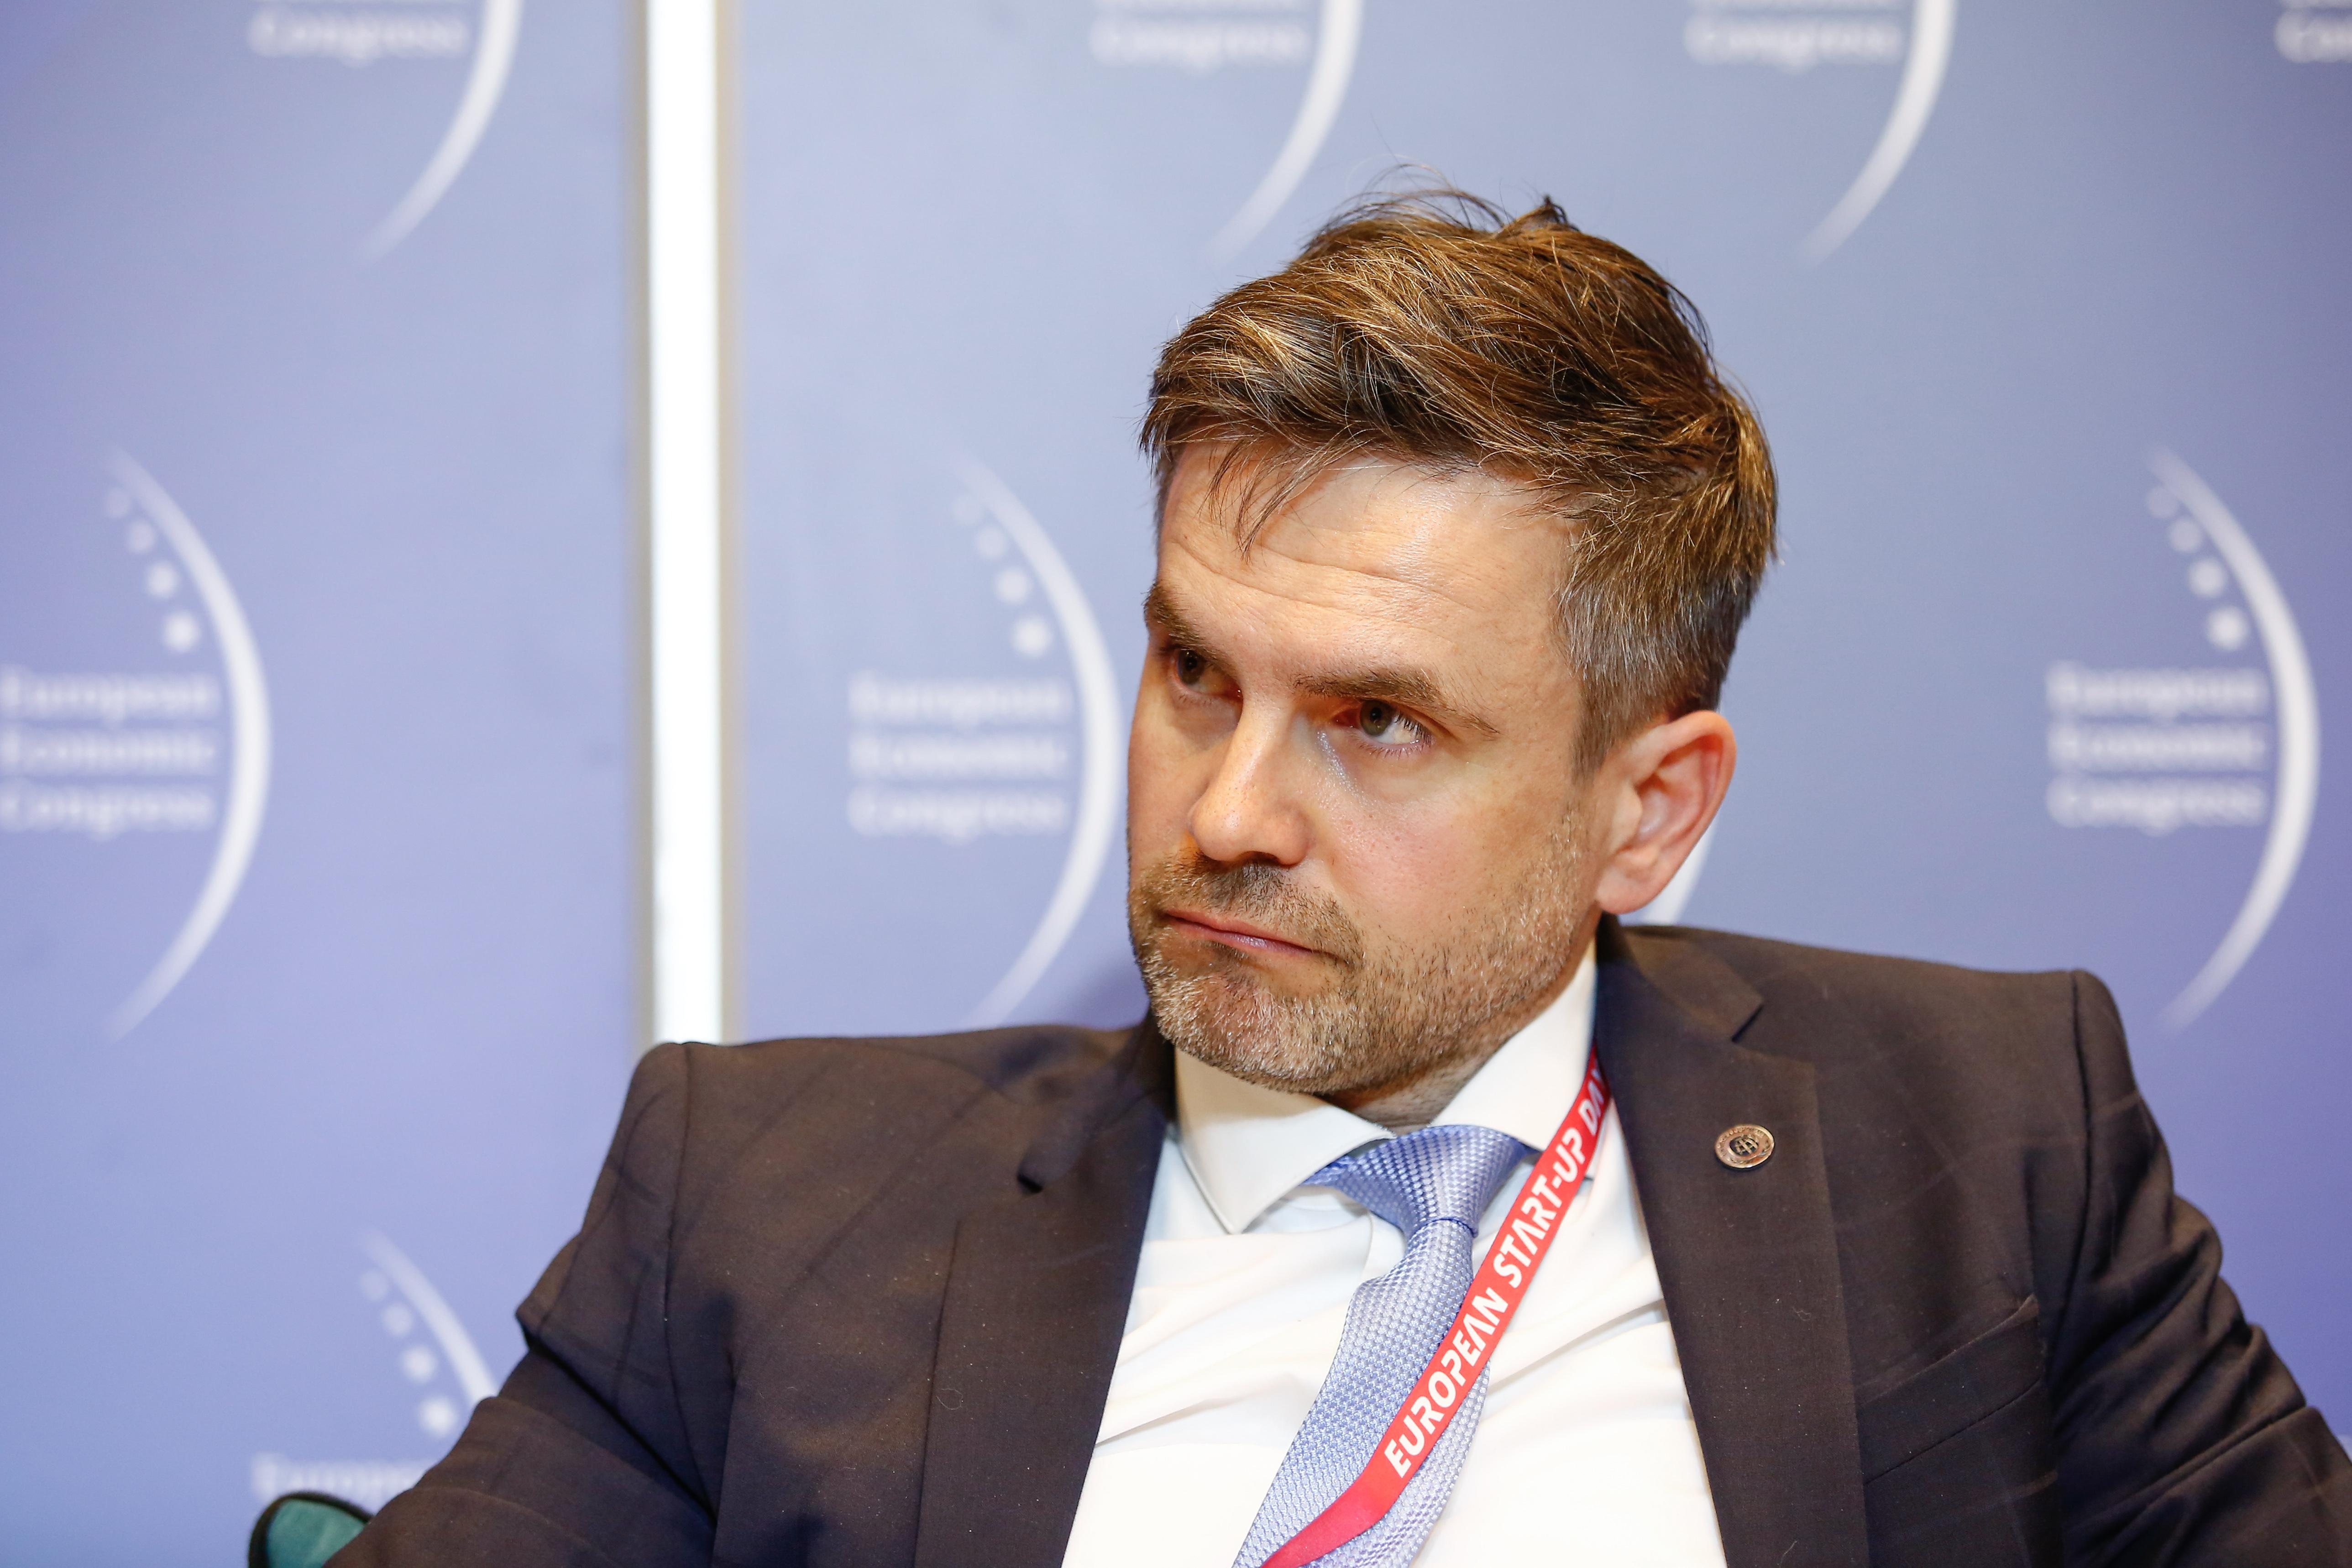 Łukasz Kolano: Doradca podatkowy powinien być zadowolony, kiedy prawo jest skomplikowane, kiedy jednak doradcy zaczynają mówić, że system jest zbyt skomplikowany to zły sygnał. (fot. PTWP)